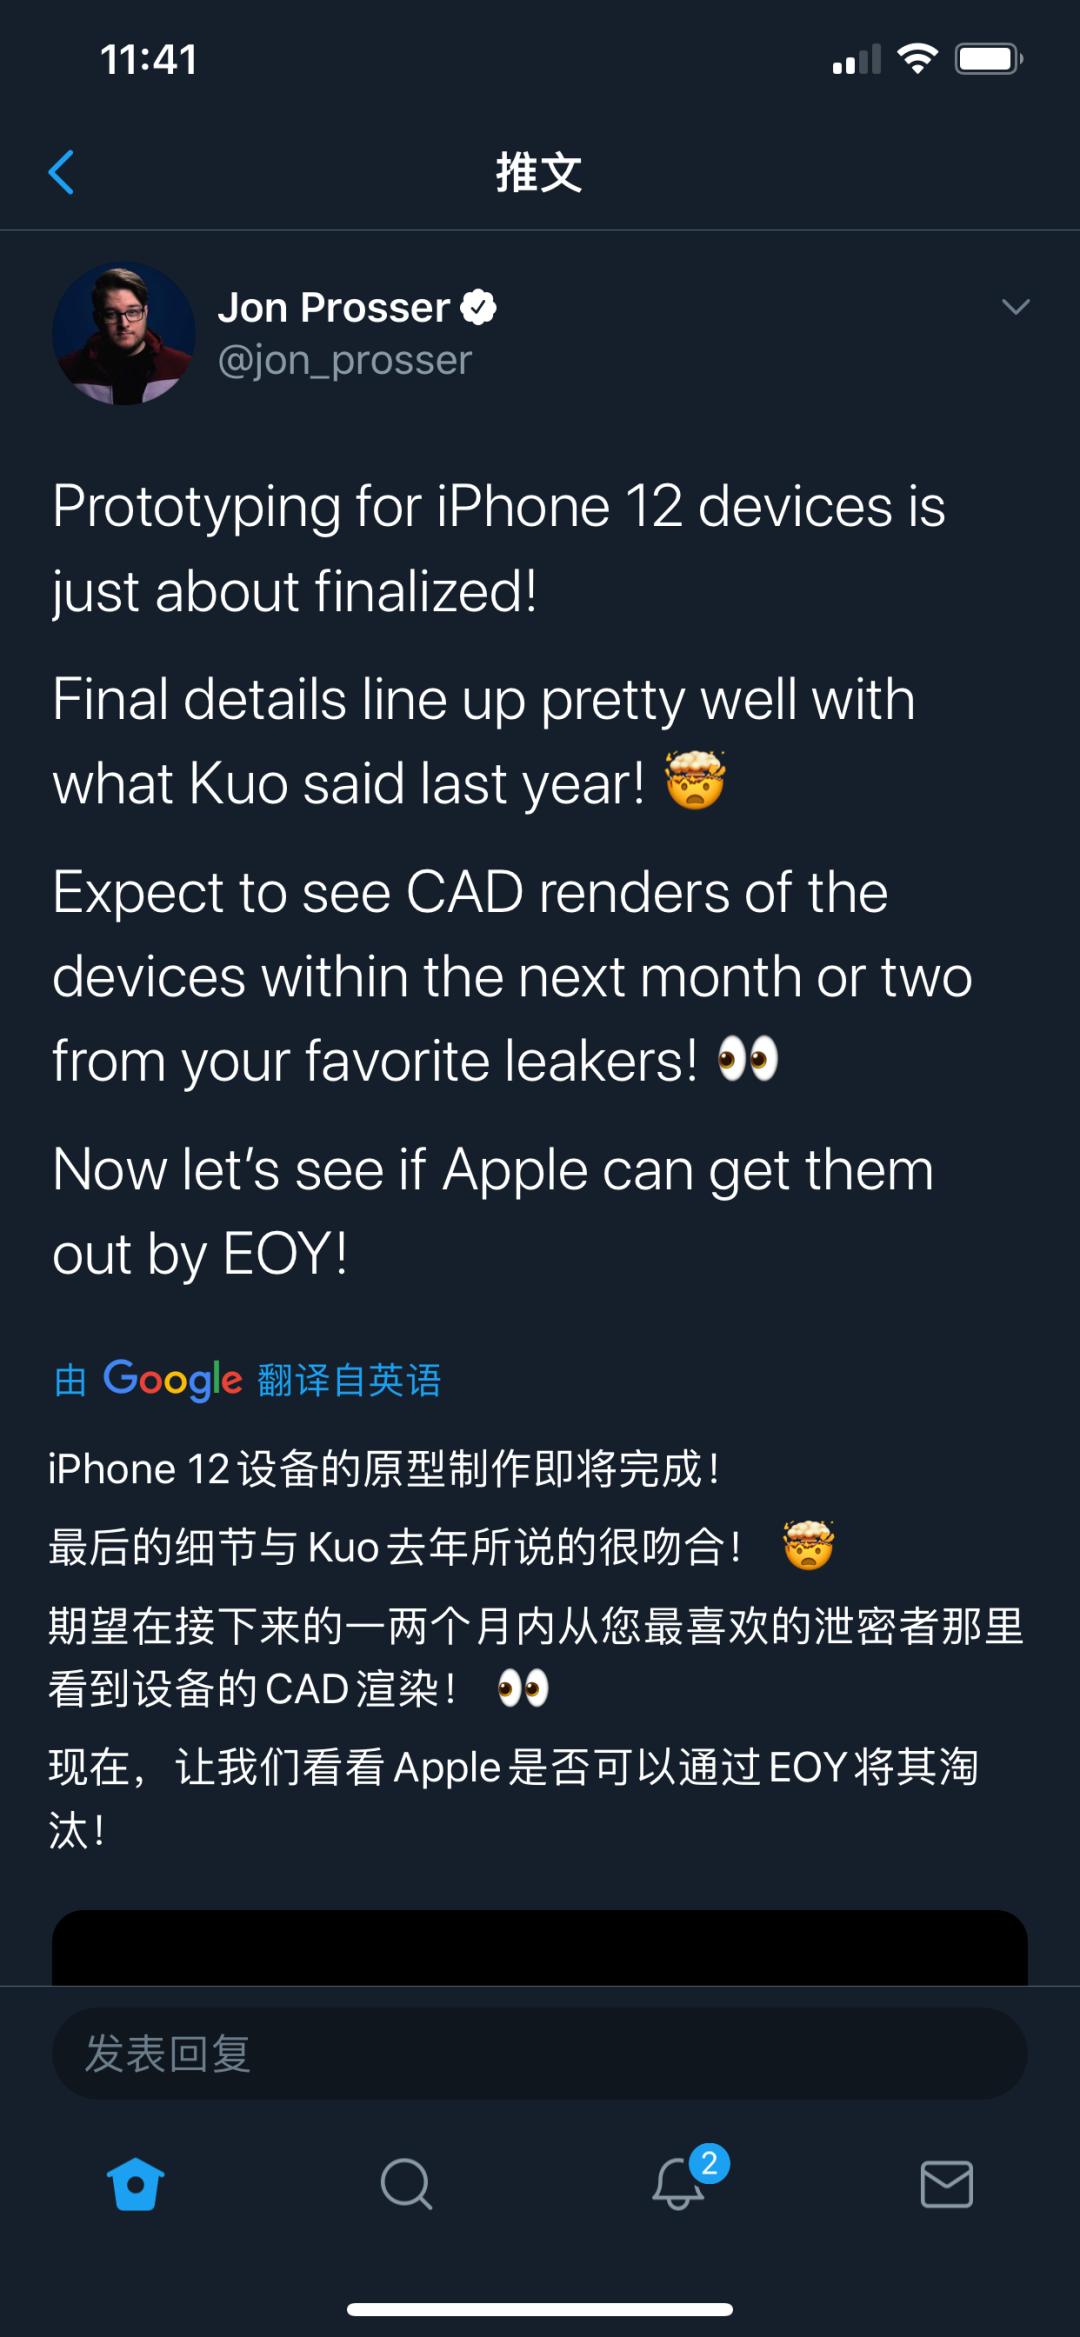 iPhone 11 还没有捂热,新 iPhone 又要来了